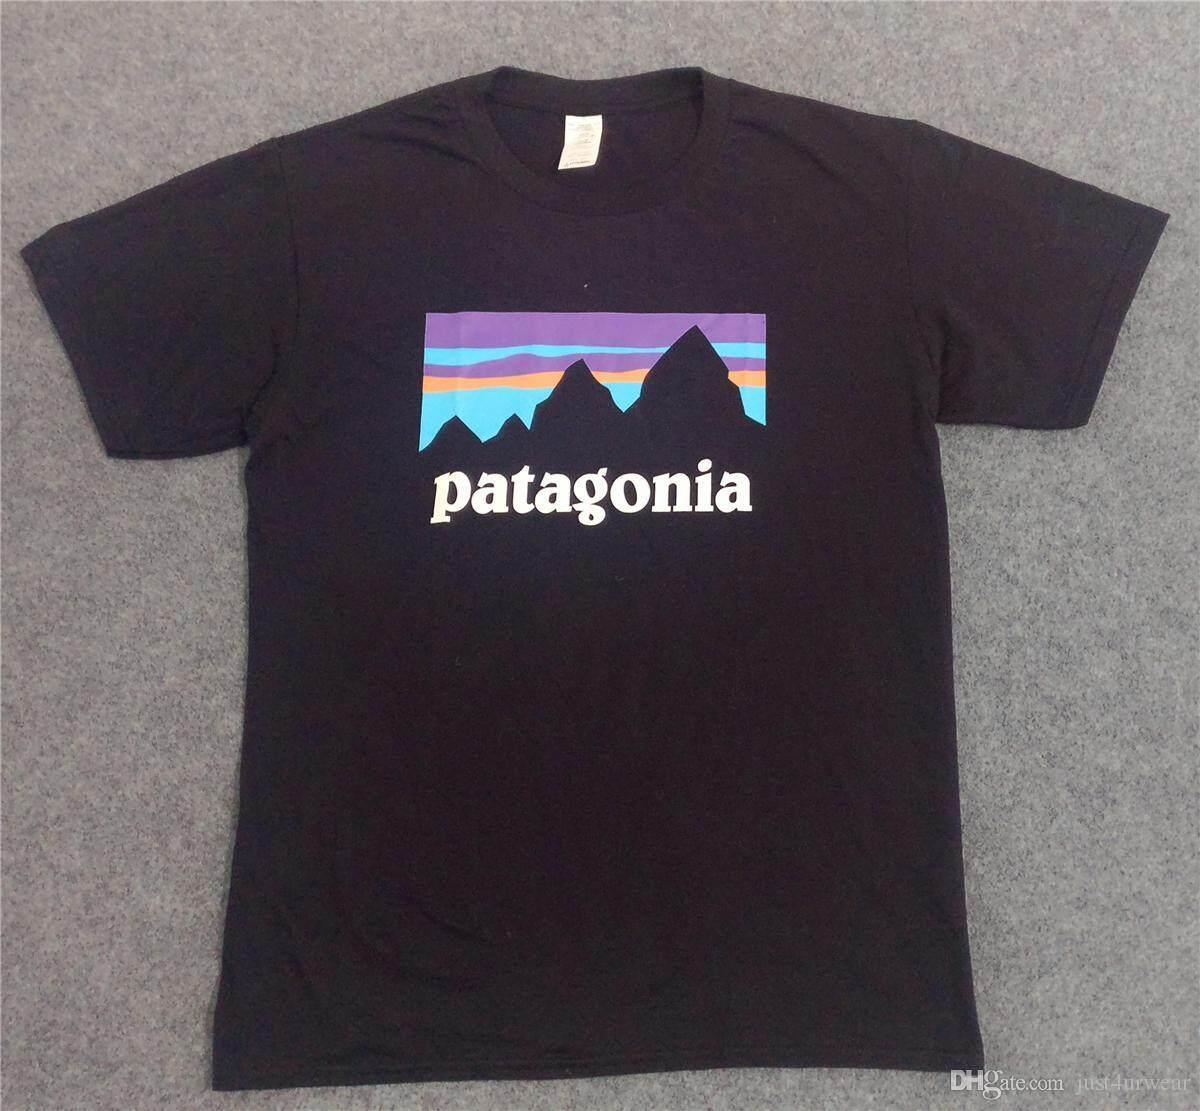 แฟชั่นแนวนอนพิมพ์ PATAGONIA สเก็ตบอร์ดบุรุษเสื้อยืด 2019 ใหม่สีดำ